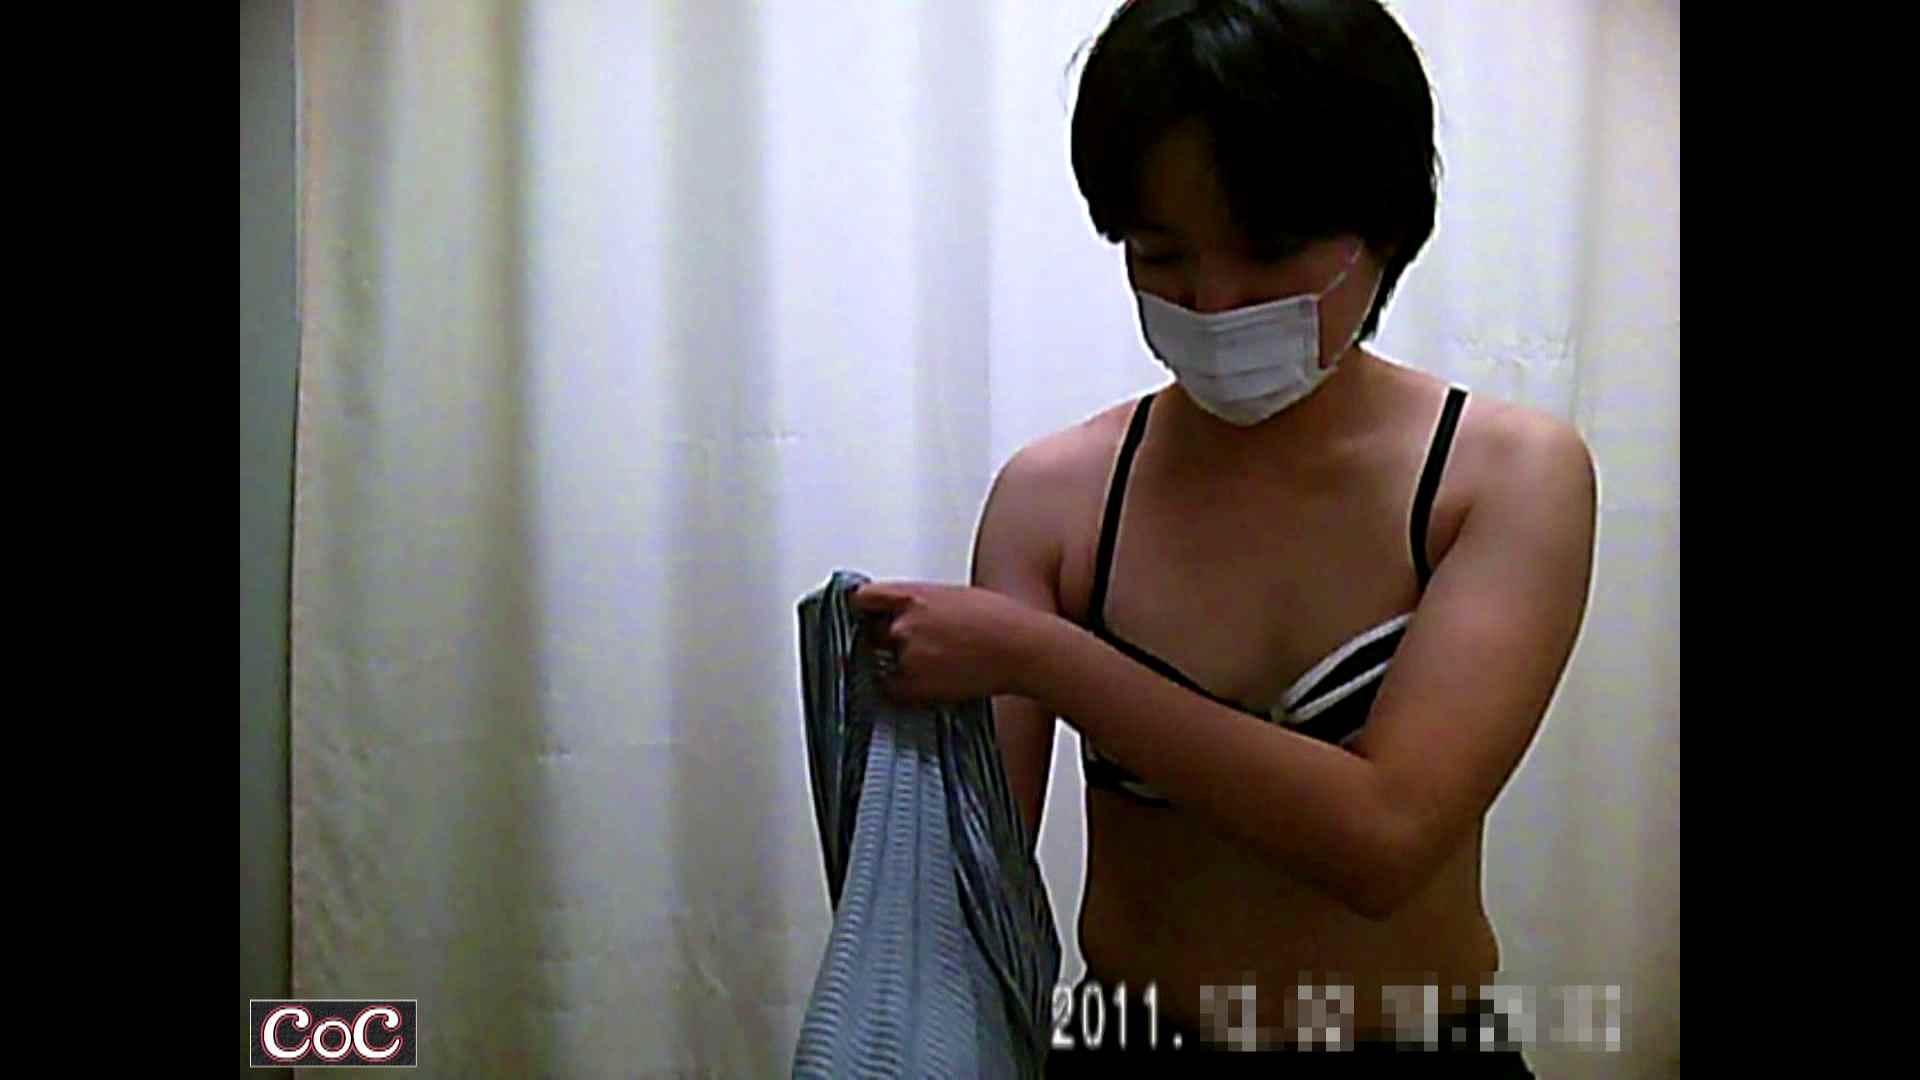 元医者による反抗 更衣室地獄絵巻 vol.188 OLハメ撮り  59Pix 33